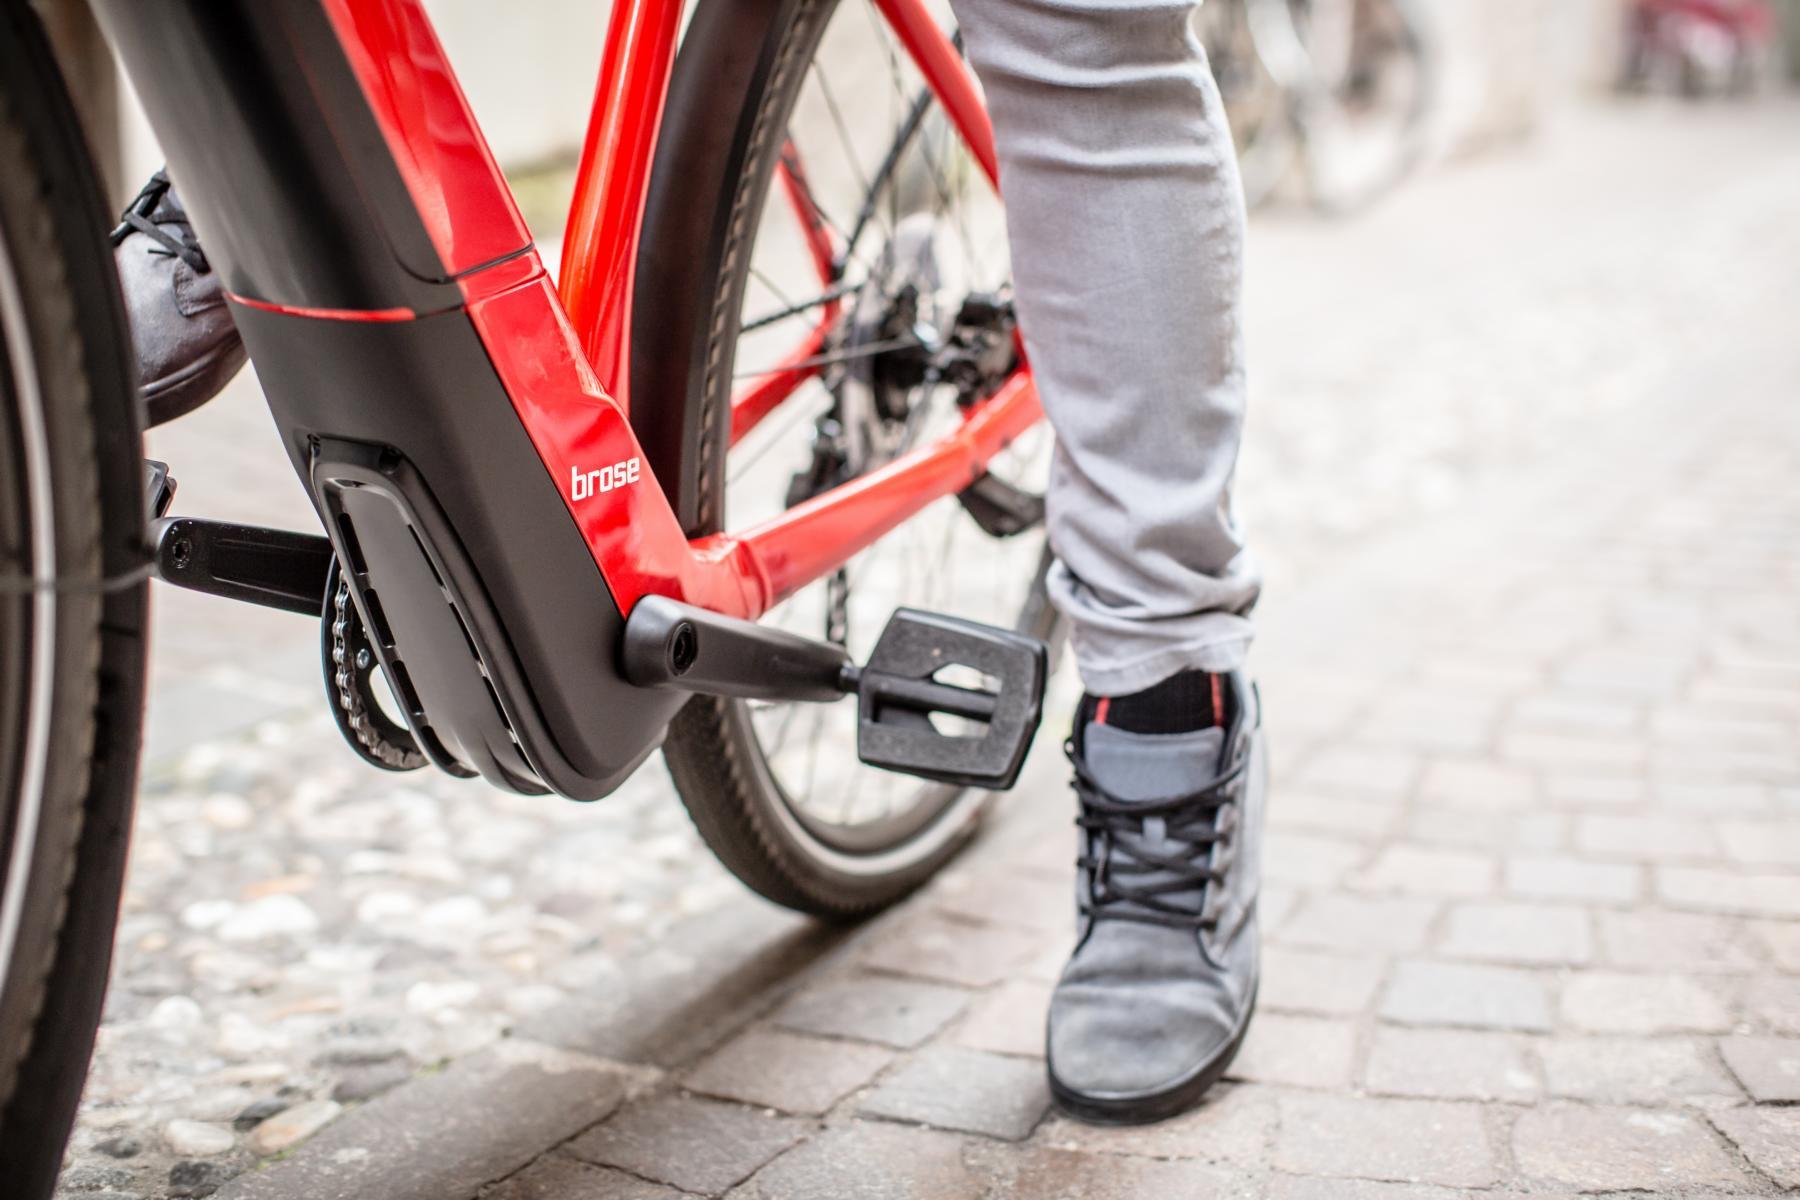 Brose e-Bike Motoren - ebike de